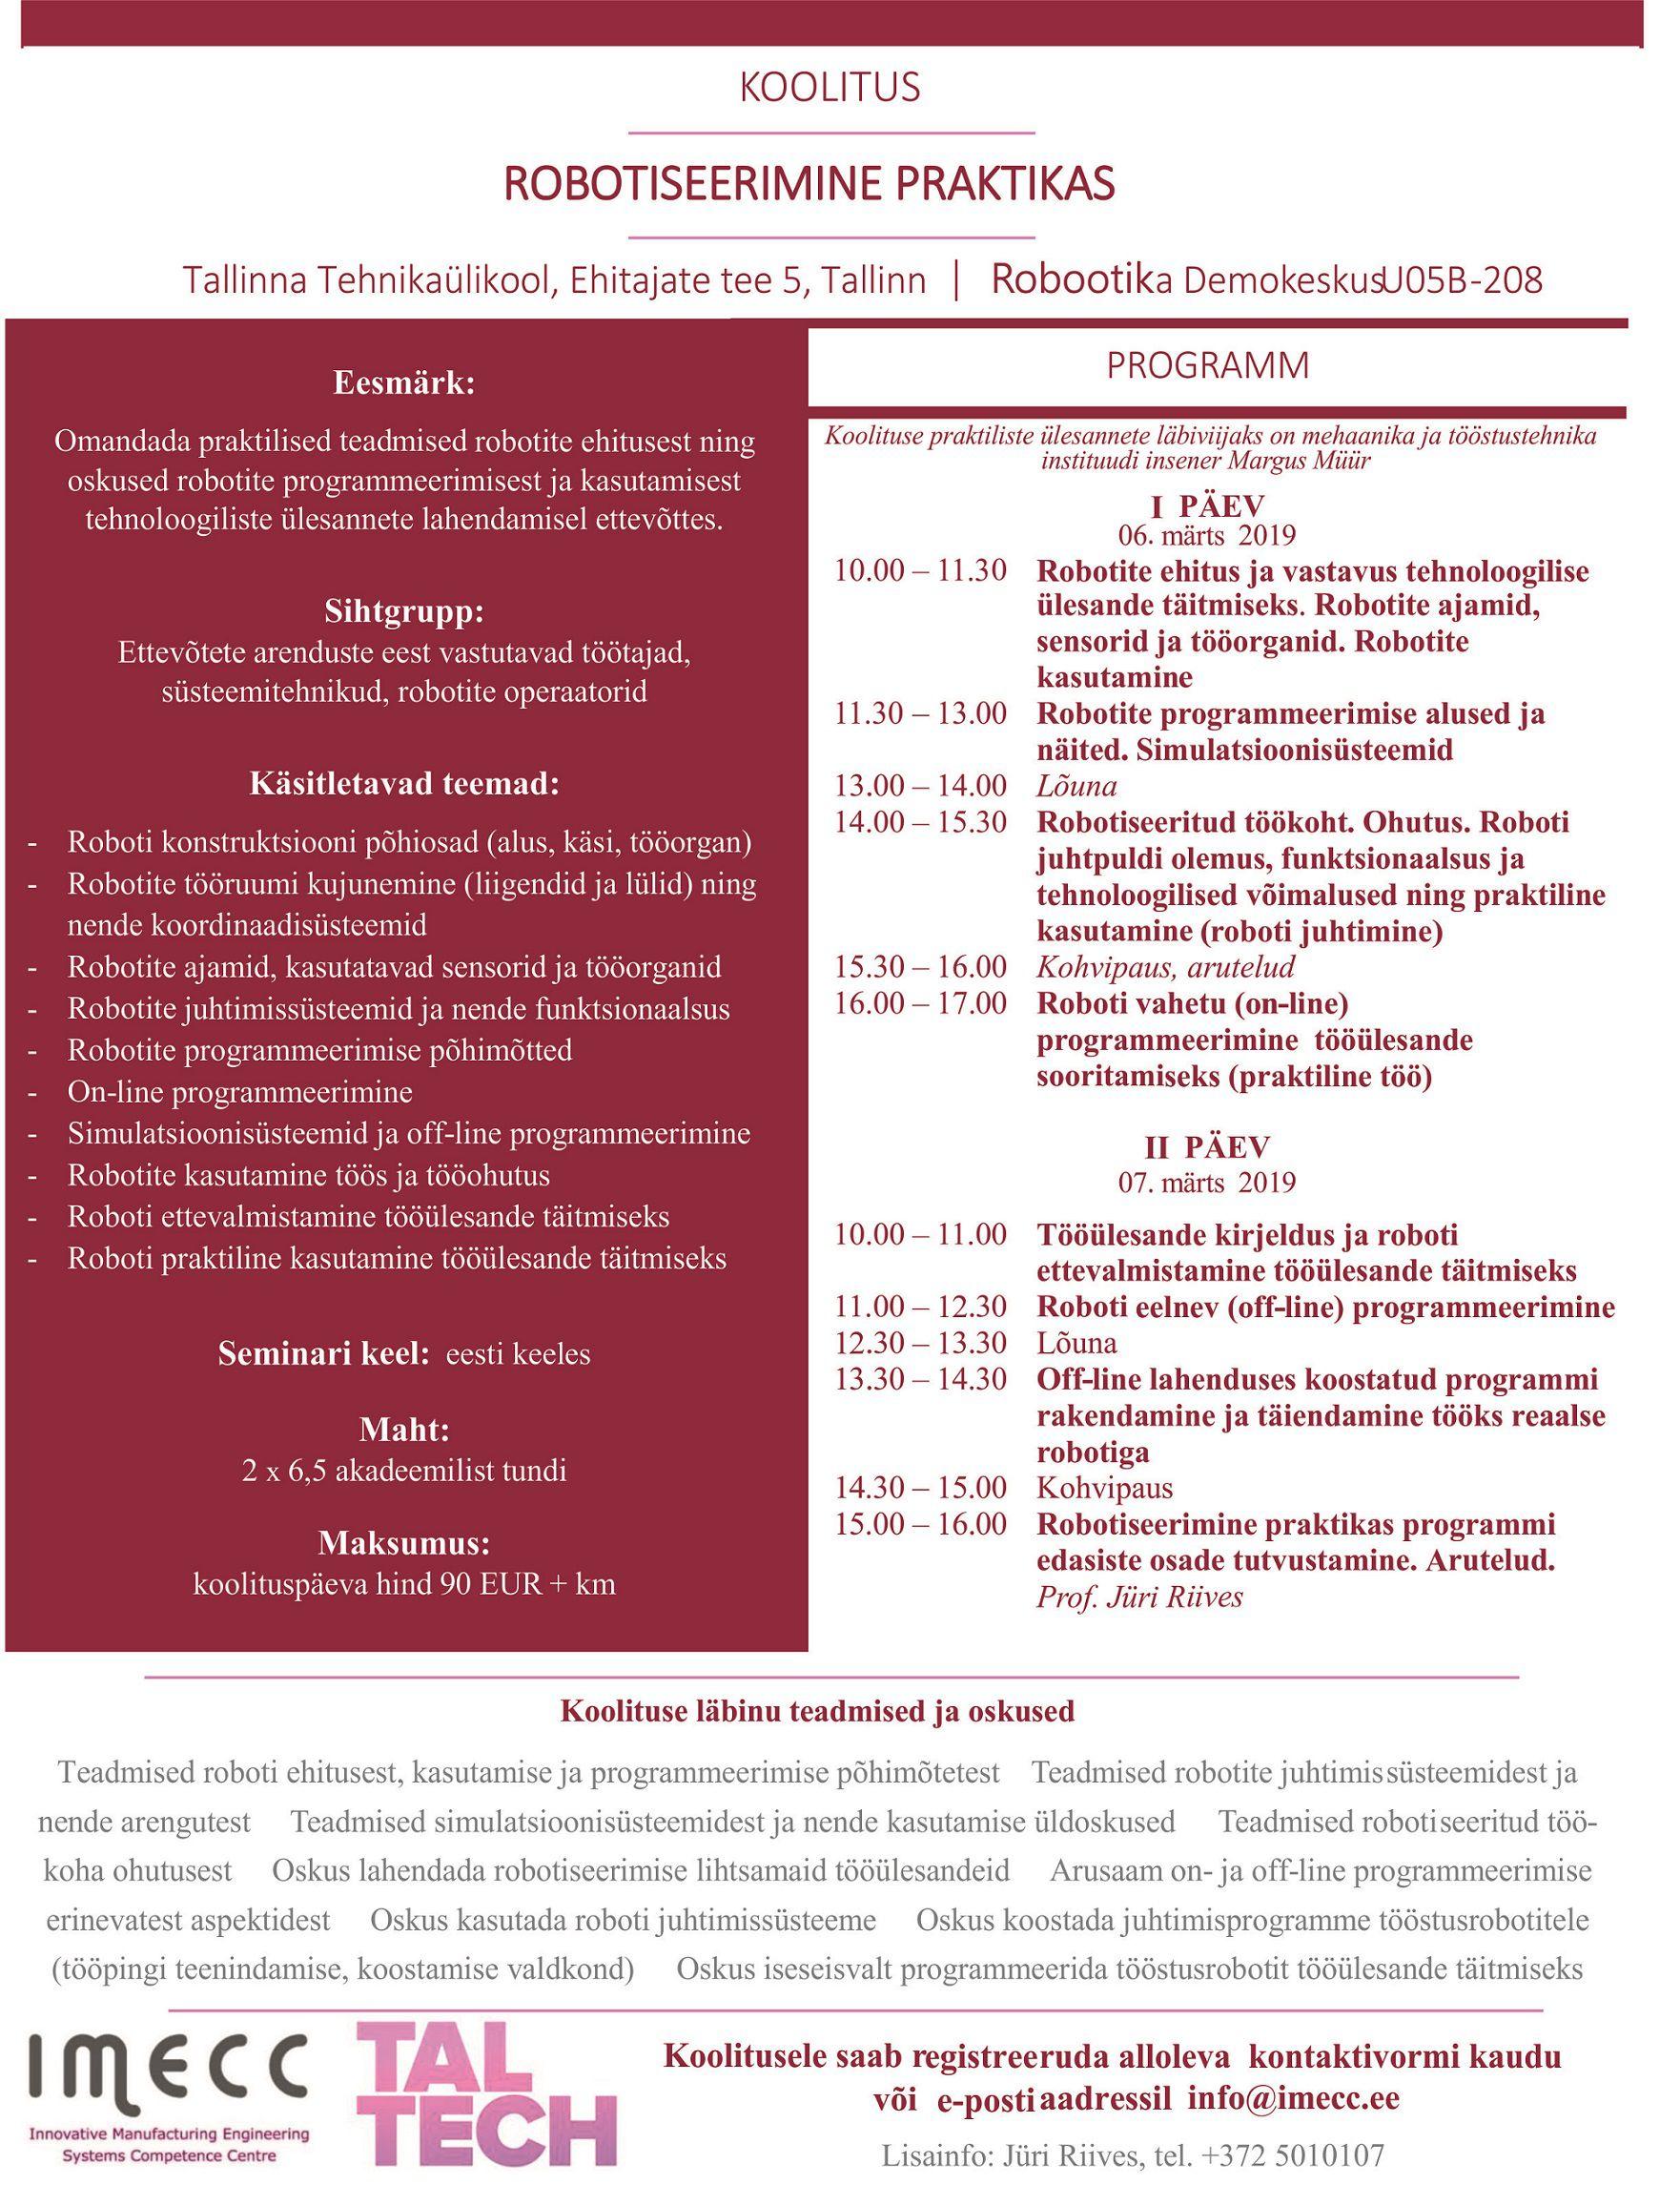 b3458acca72 IMECC ja Tallinna Tehnikaülikool kutsuvad osalema koolitusel